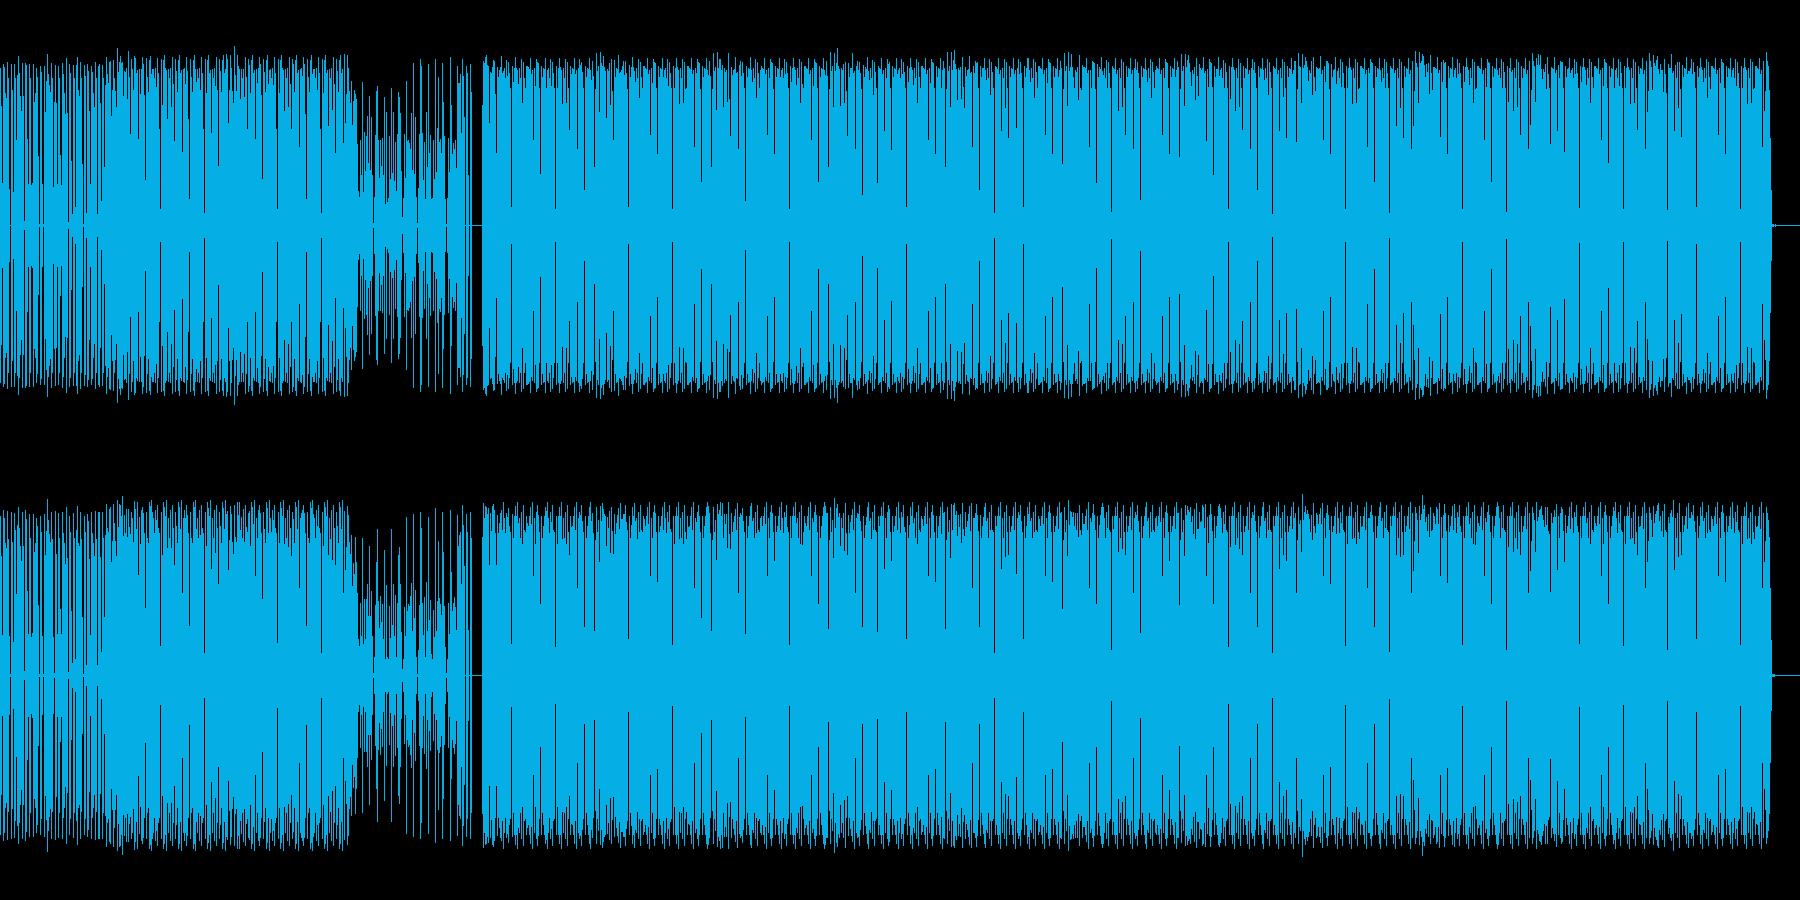 ドラムのループ音源の再生済みの波形